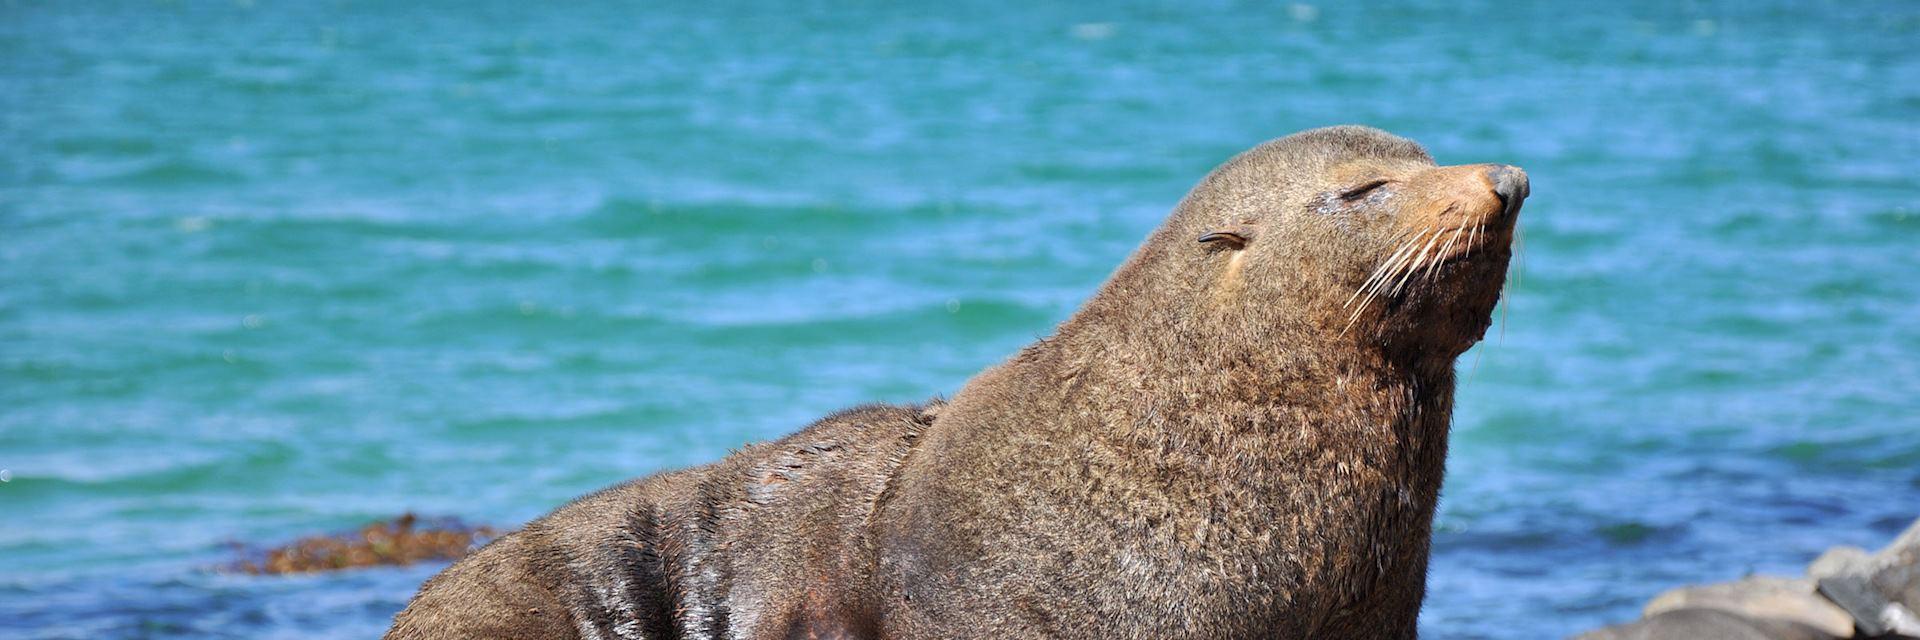 Seal in the Otago Peninsula